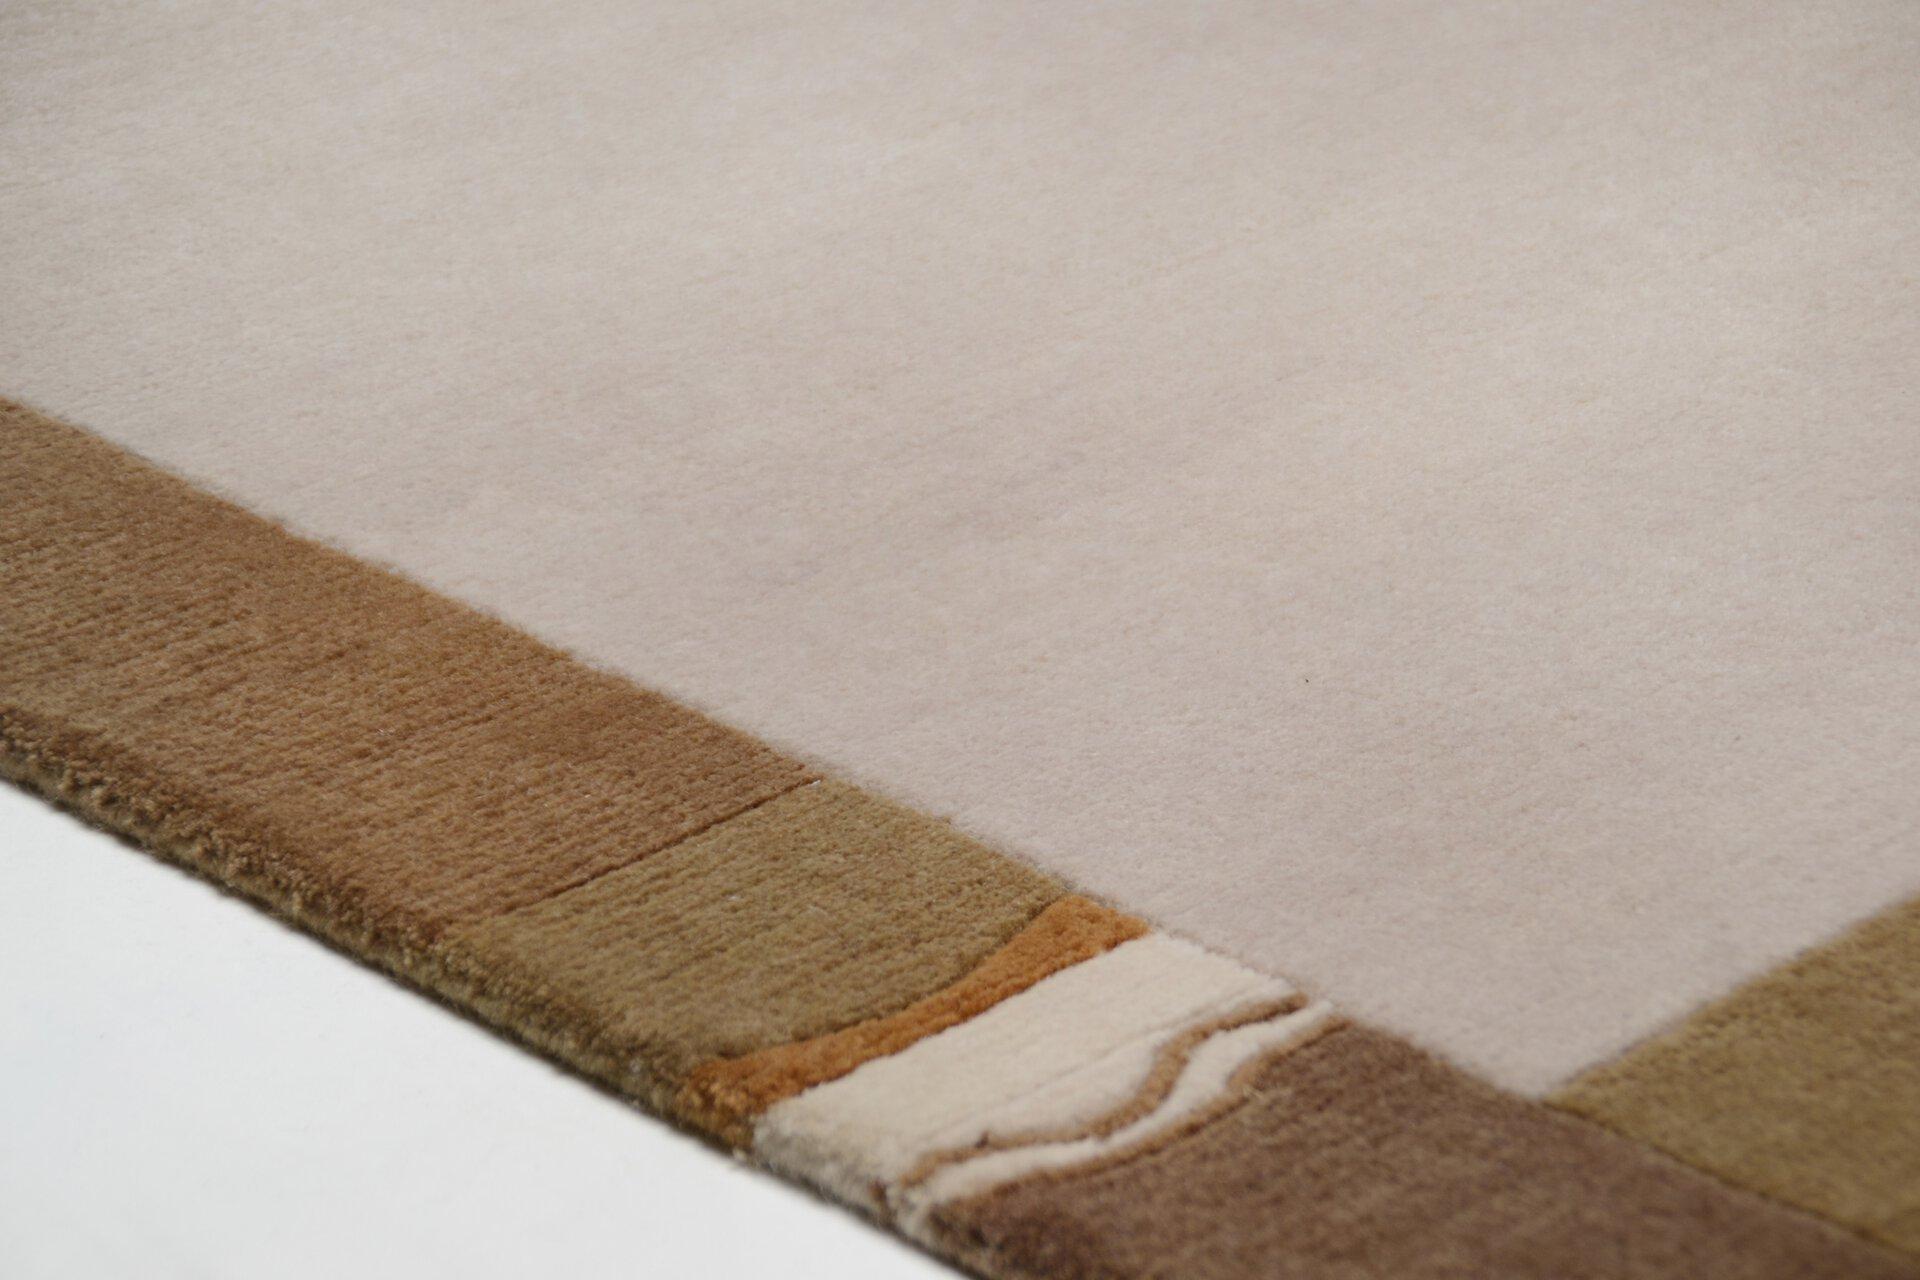 Handknüpfteppich Nepalus Theko Textil braun 3 cm